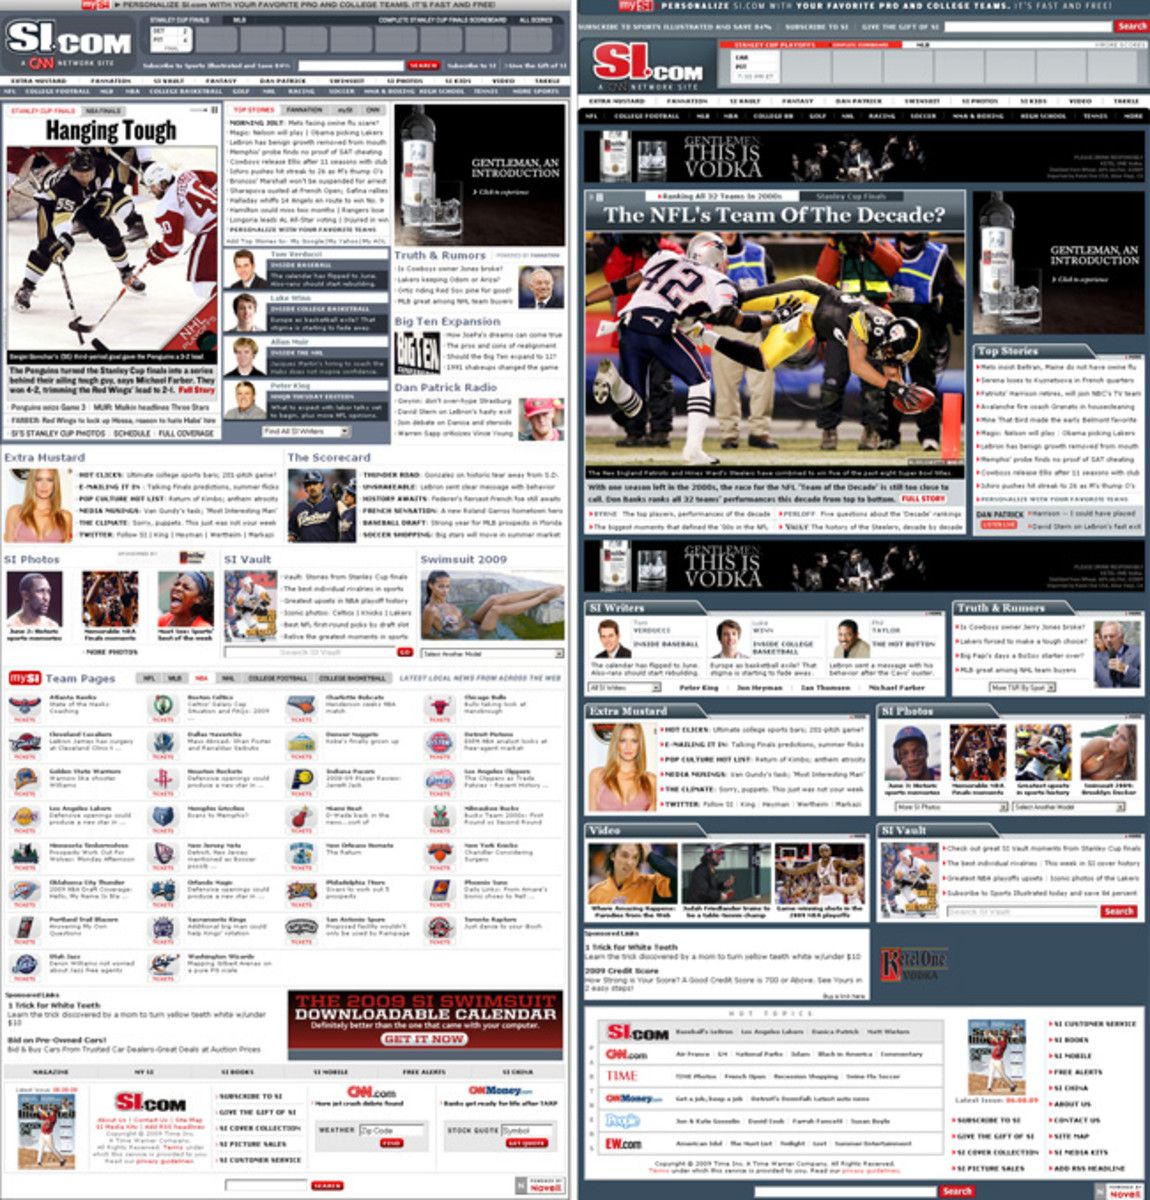 homepagebeforeafter2.jpg